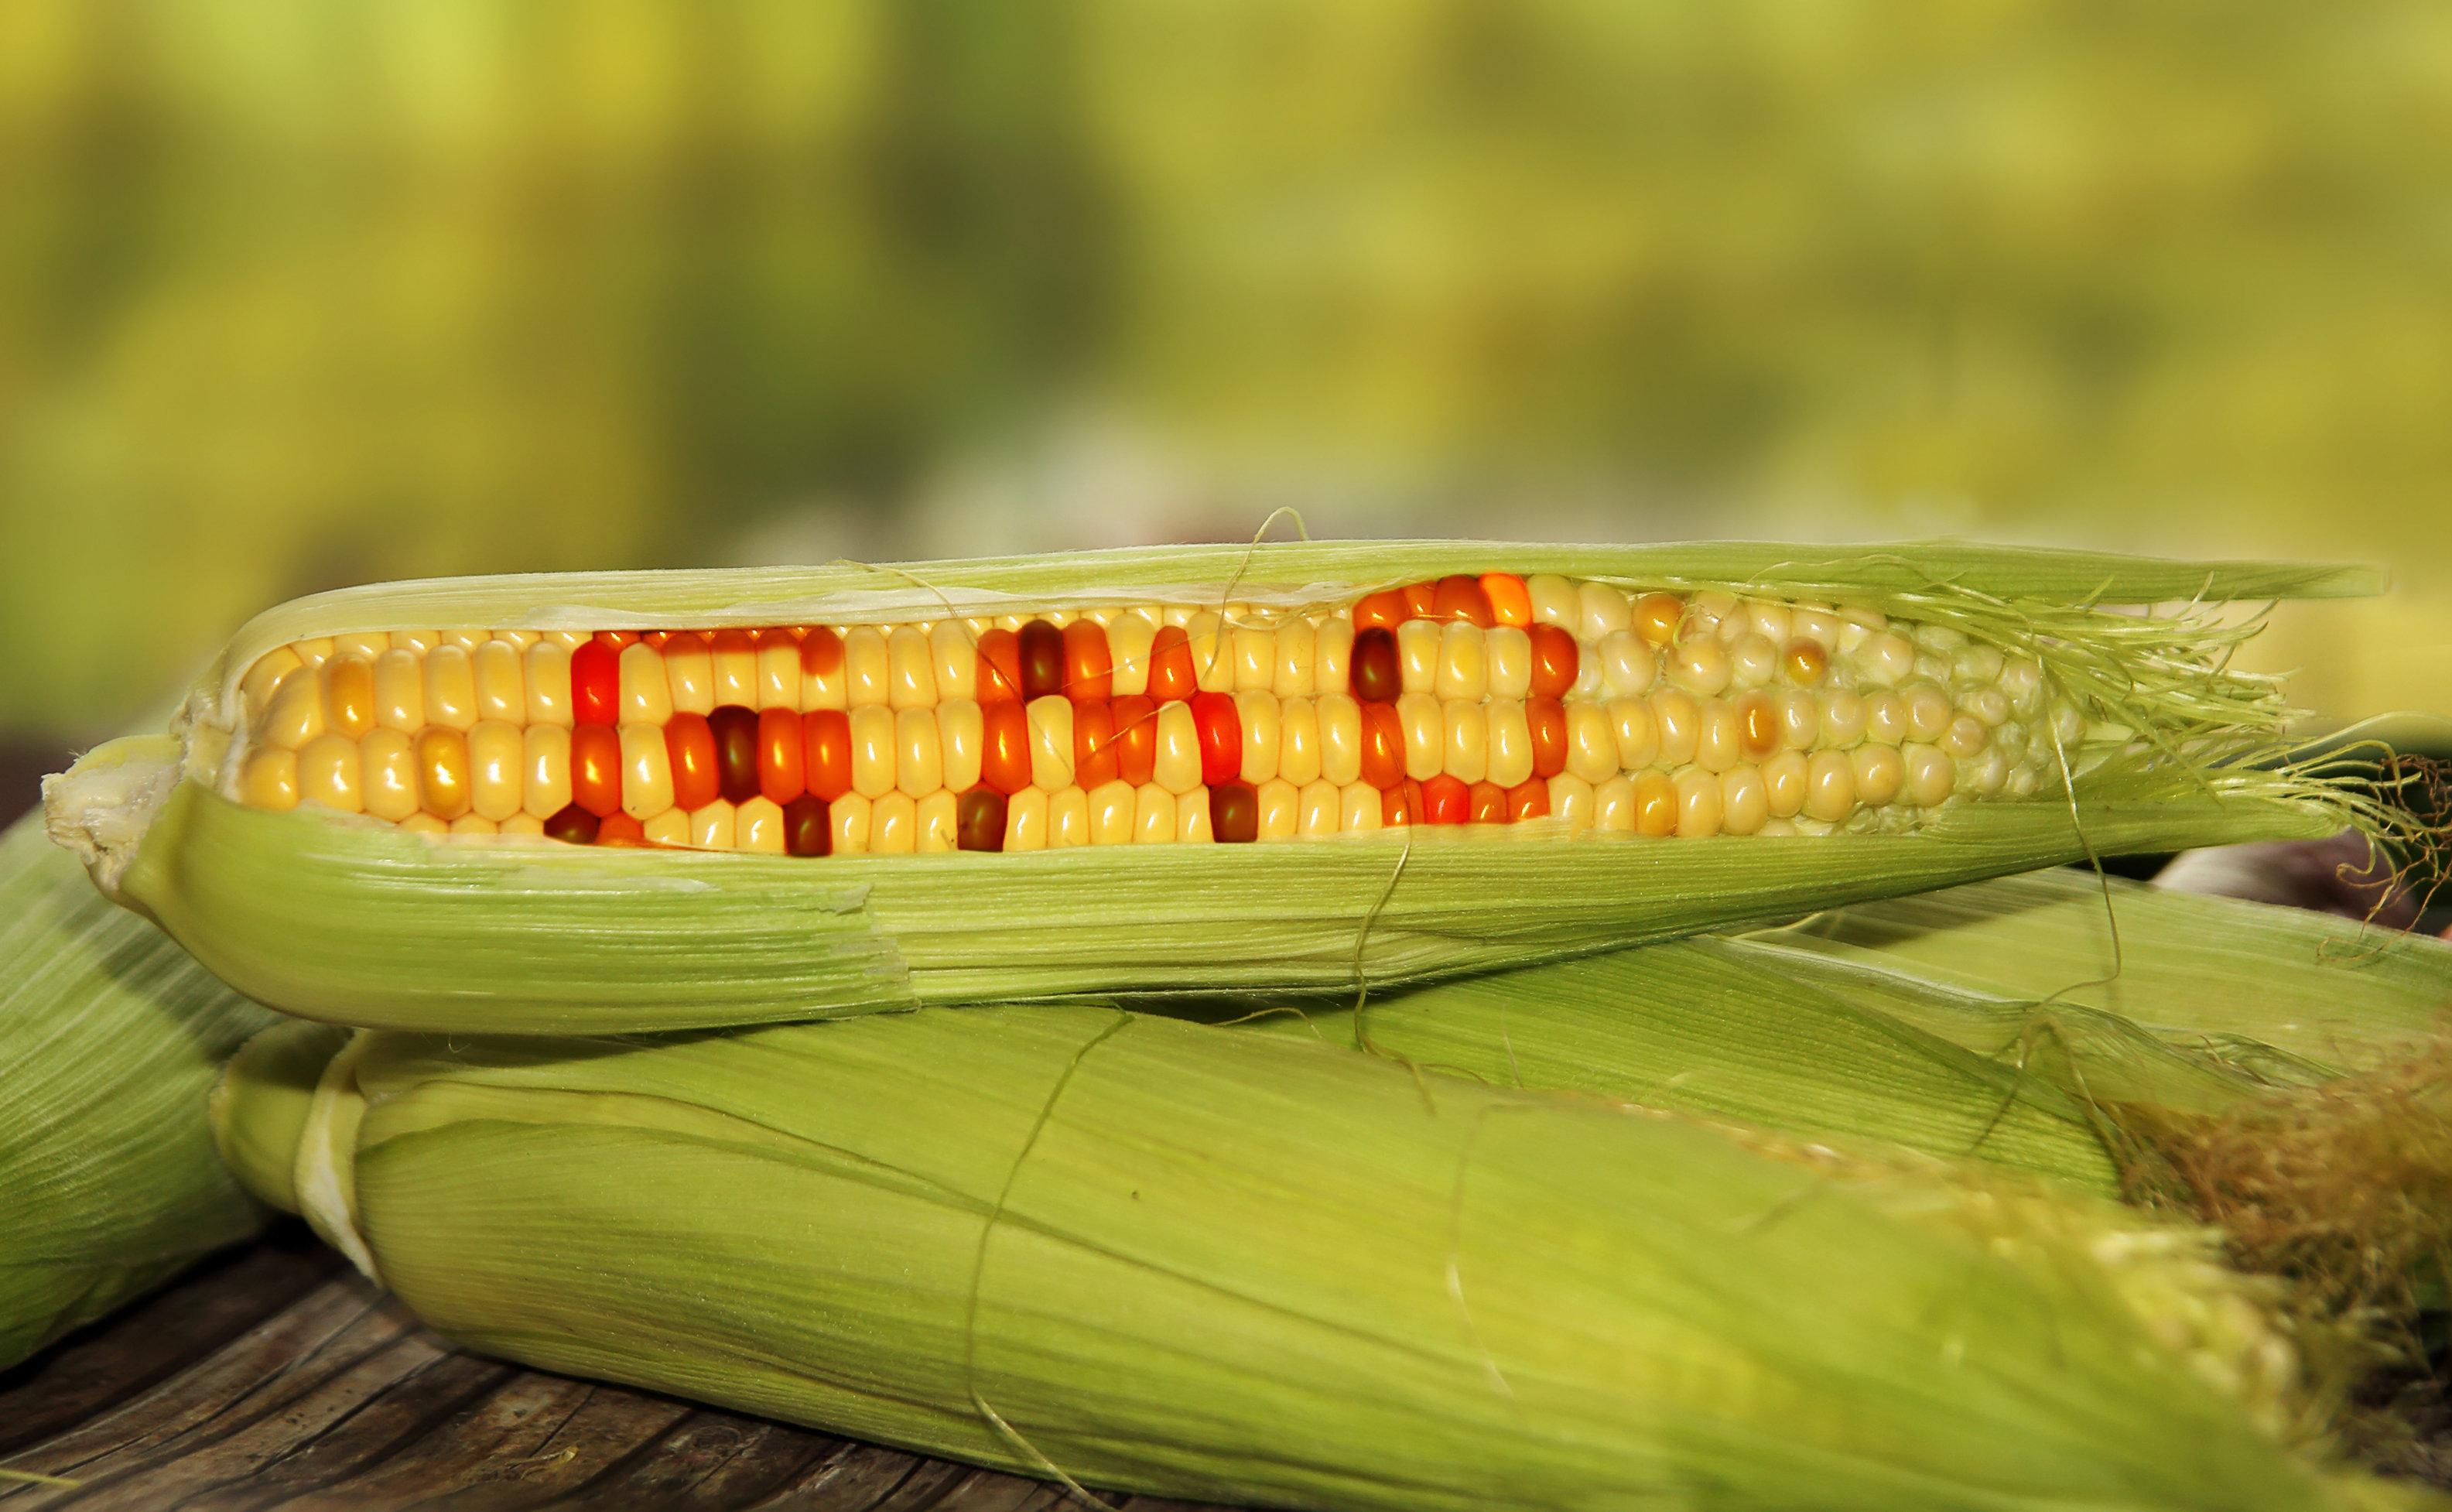 Νέα γενετική τροποποίηση φυτών στις ΗΠΑ αύξησε την ανάπτυξη τους κατά 40% - Στόχος τα αγροτικά